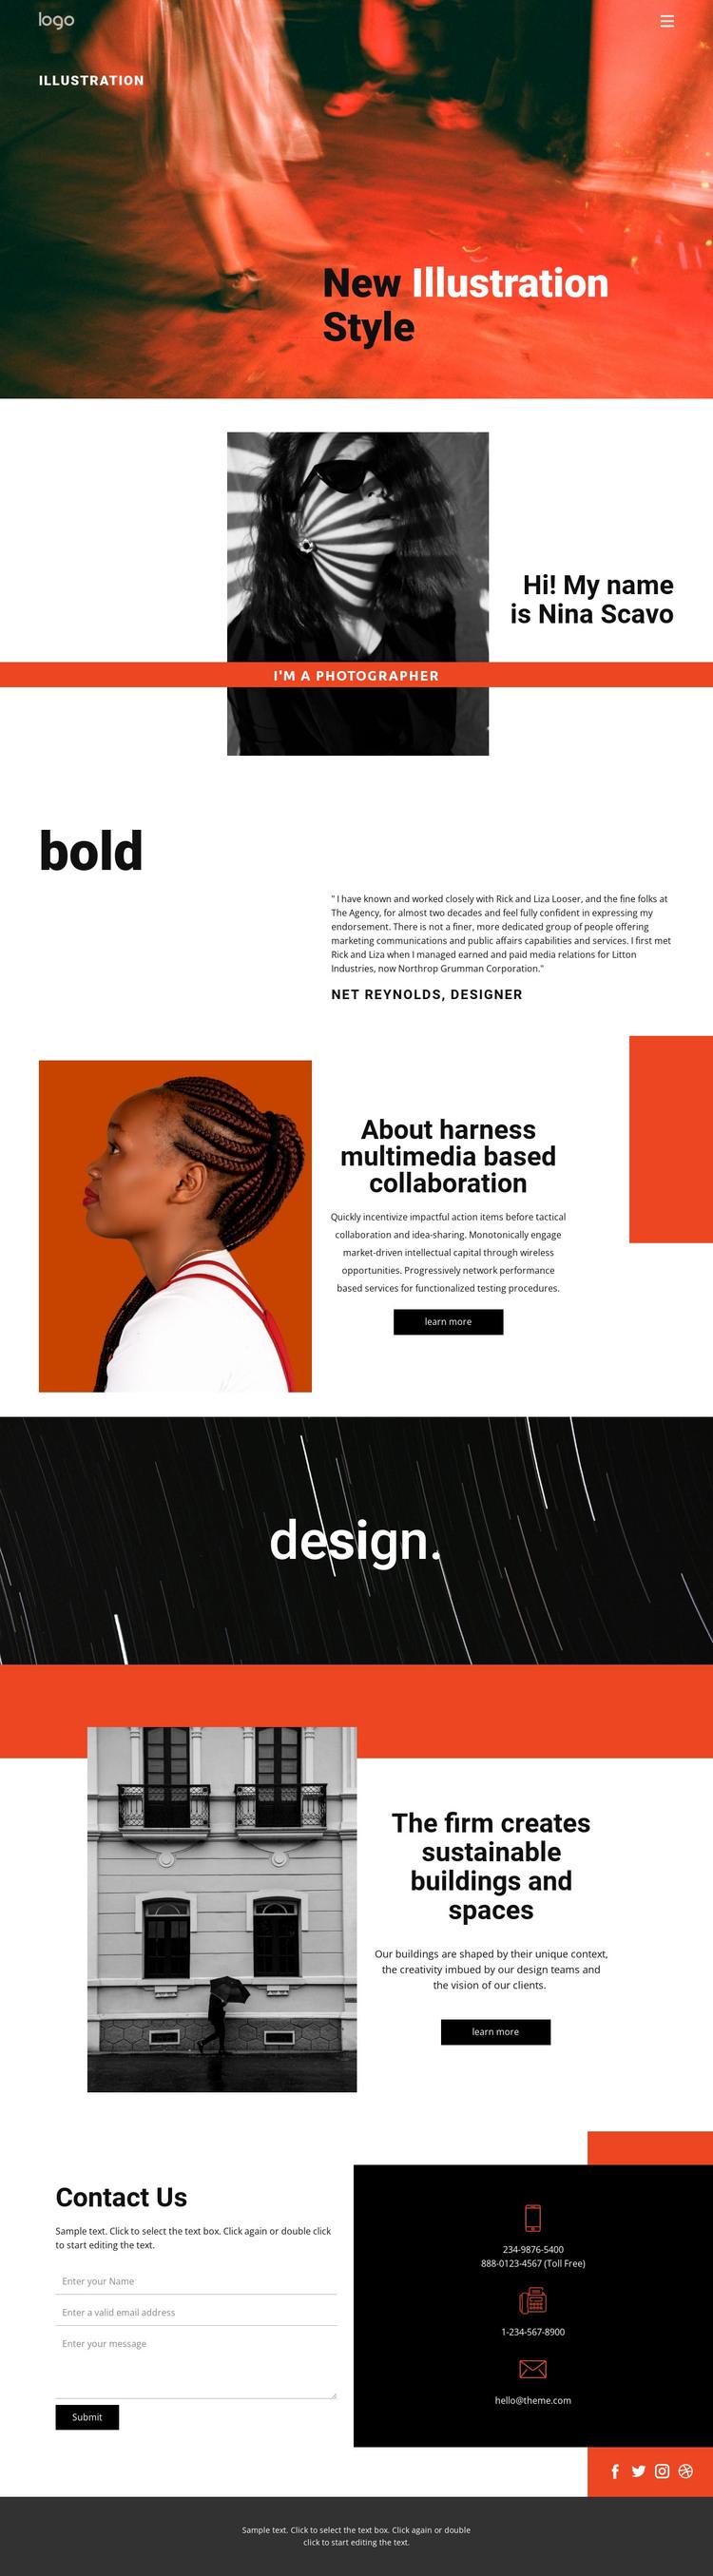 Illustration styles for art  Web Design